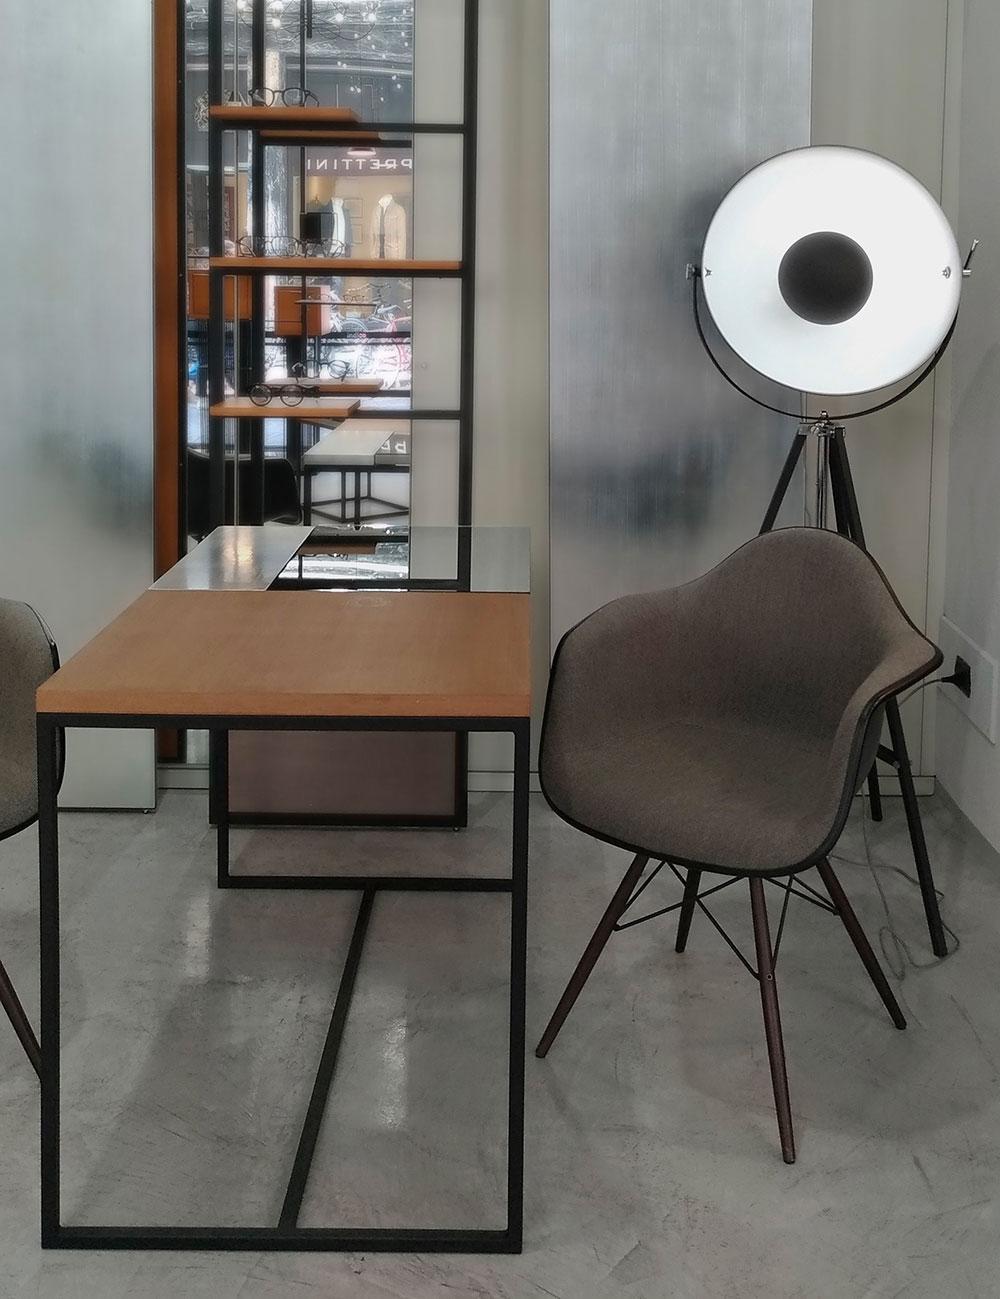 negozio-seduta-tavolo-specchi